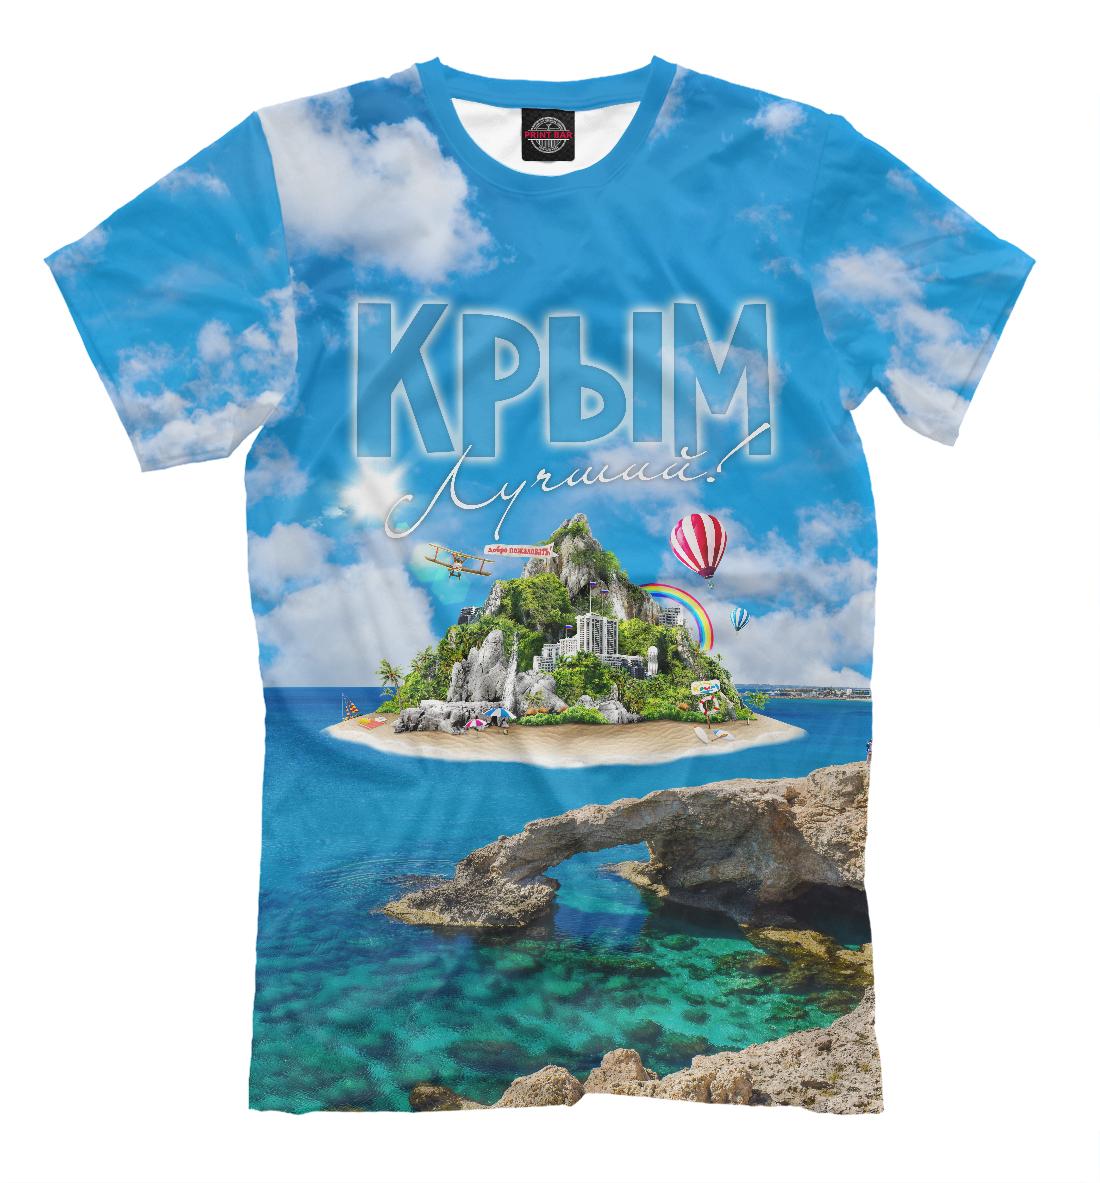 Купить Крым лучший!, Printbar, Футболки, KRY-867103-fut-2